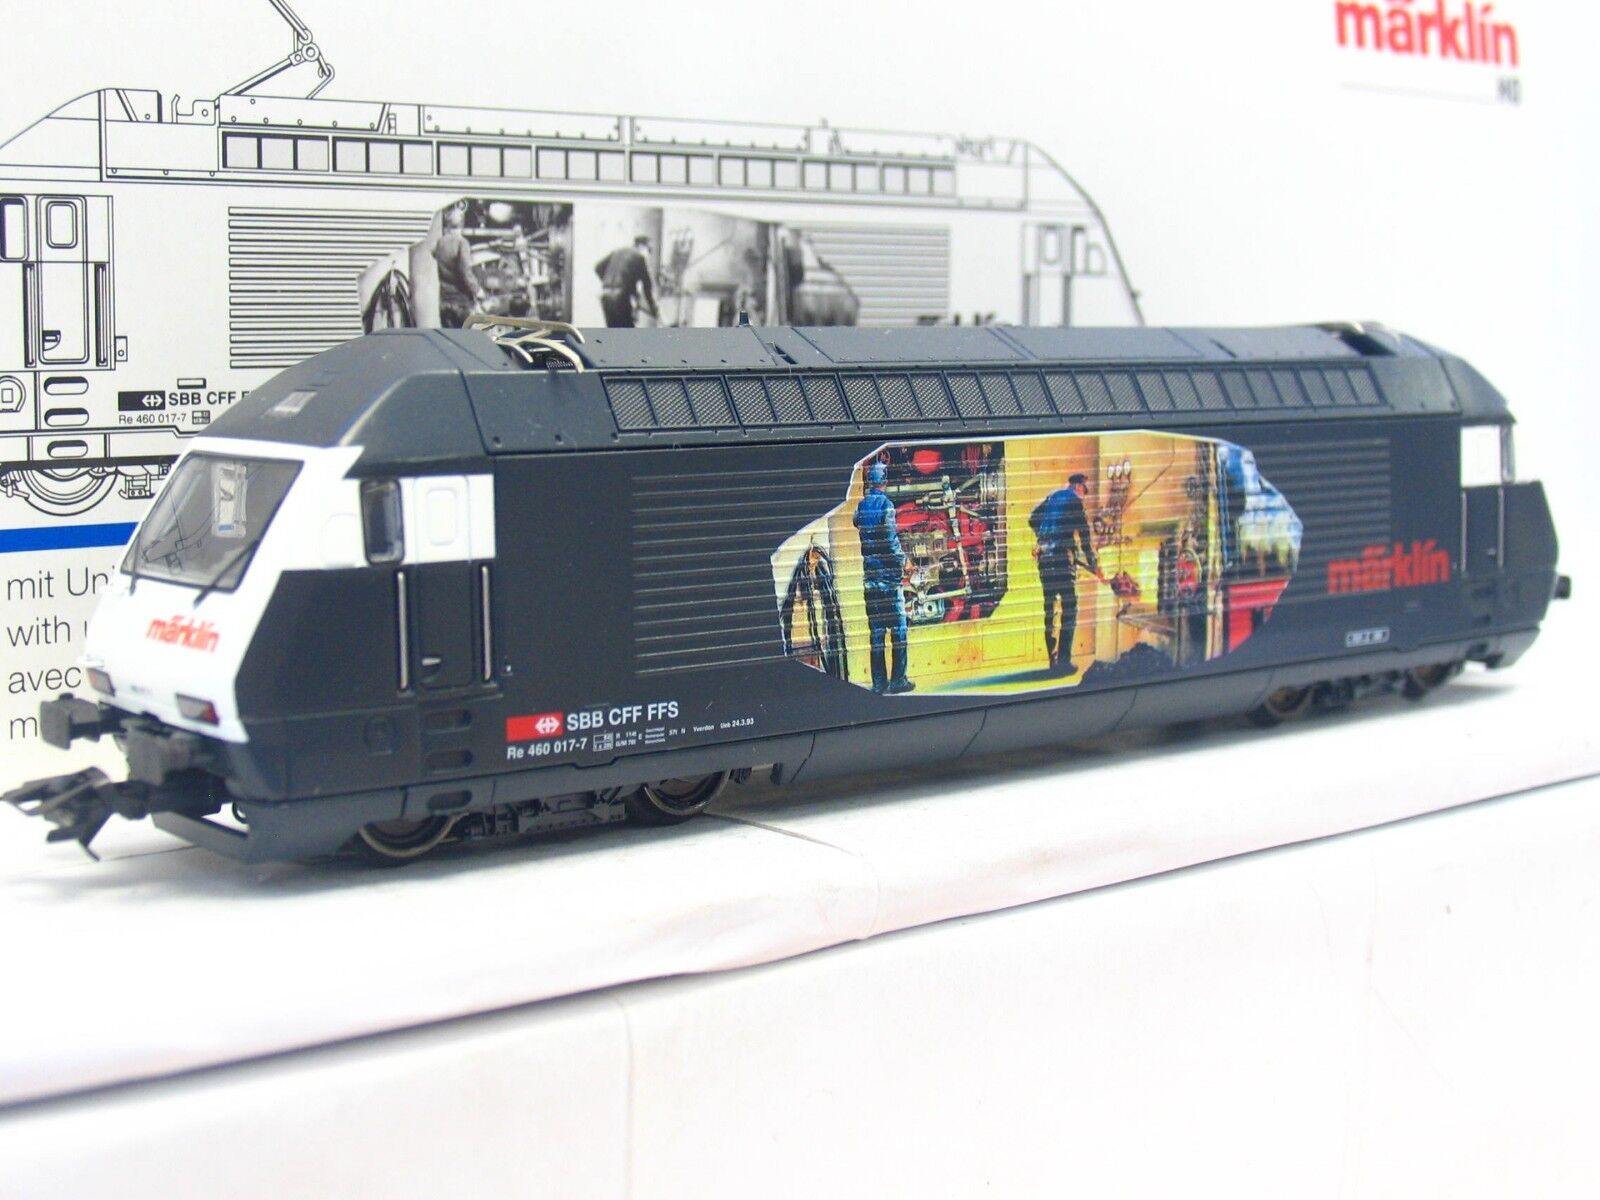 Märklin H0 3451 E-Lok Re 460 017-7 Heizerlok SBB CFF FFS Delta OVP (V3105)